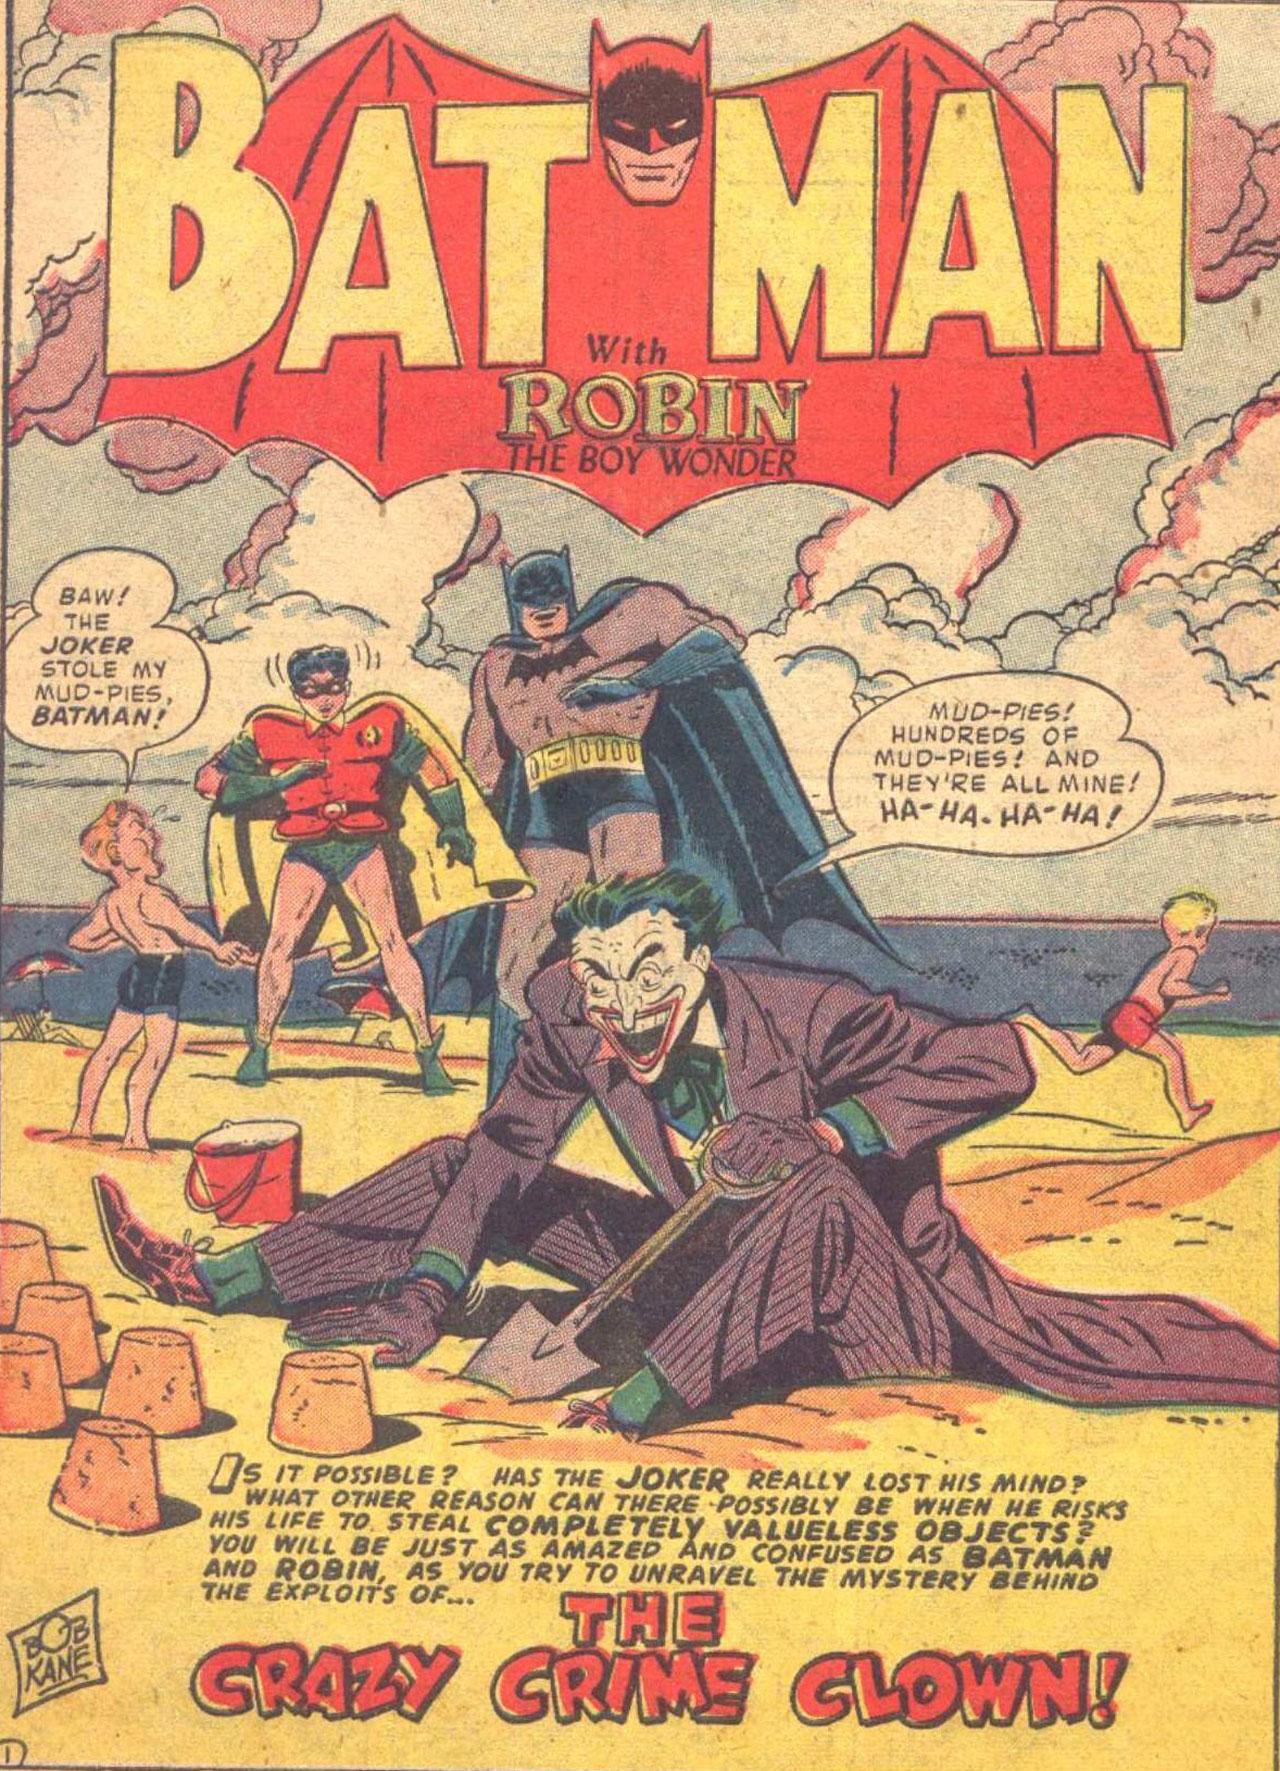 Joker-Beach-Mud-Pies-Batman-Golden-Age.jpg